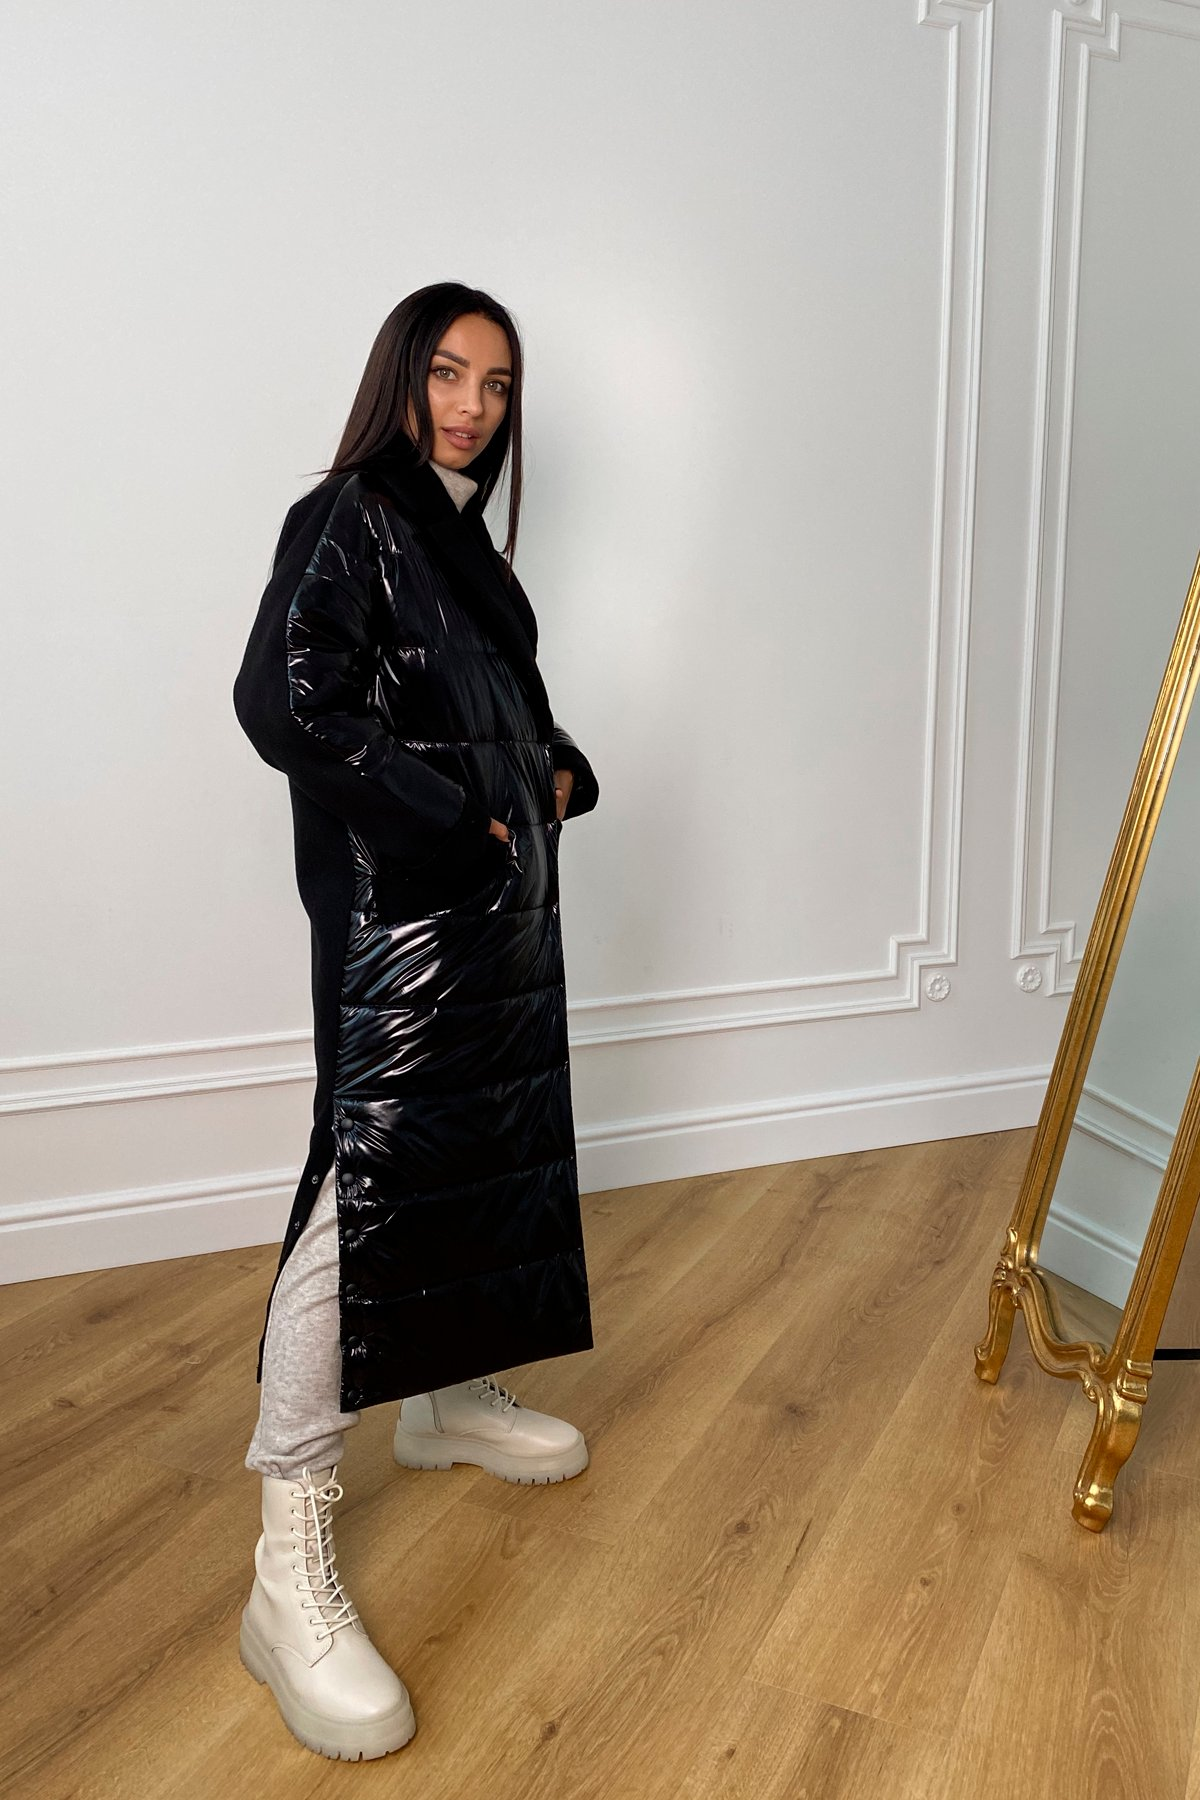 Санре утепленное пальто из комбинации плащевой и пальтовой ткани 9940 АРТ. 46234 Цвет: Черный - фото 3, интернет магазин tm-modus.ru